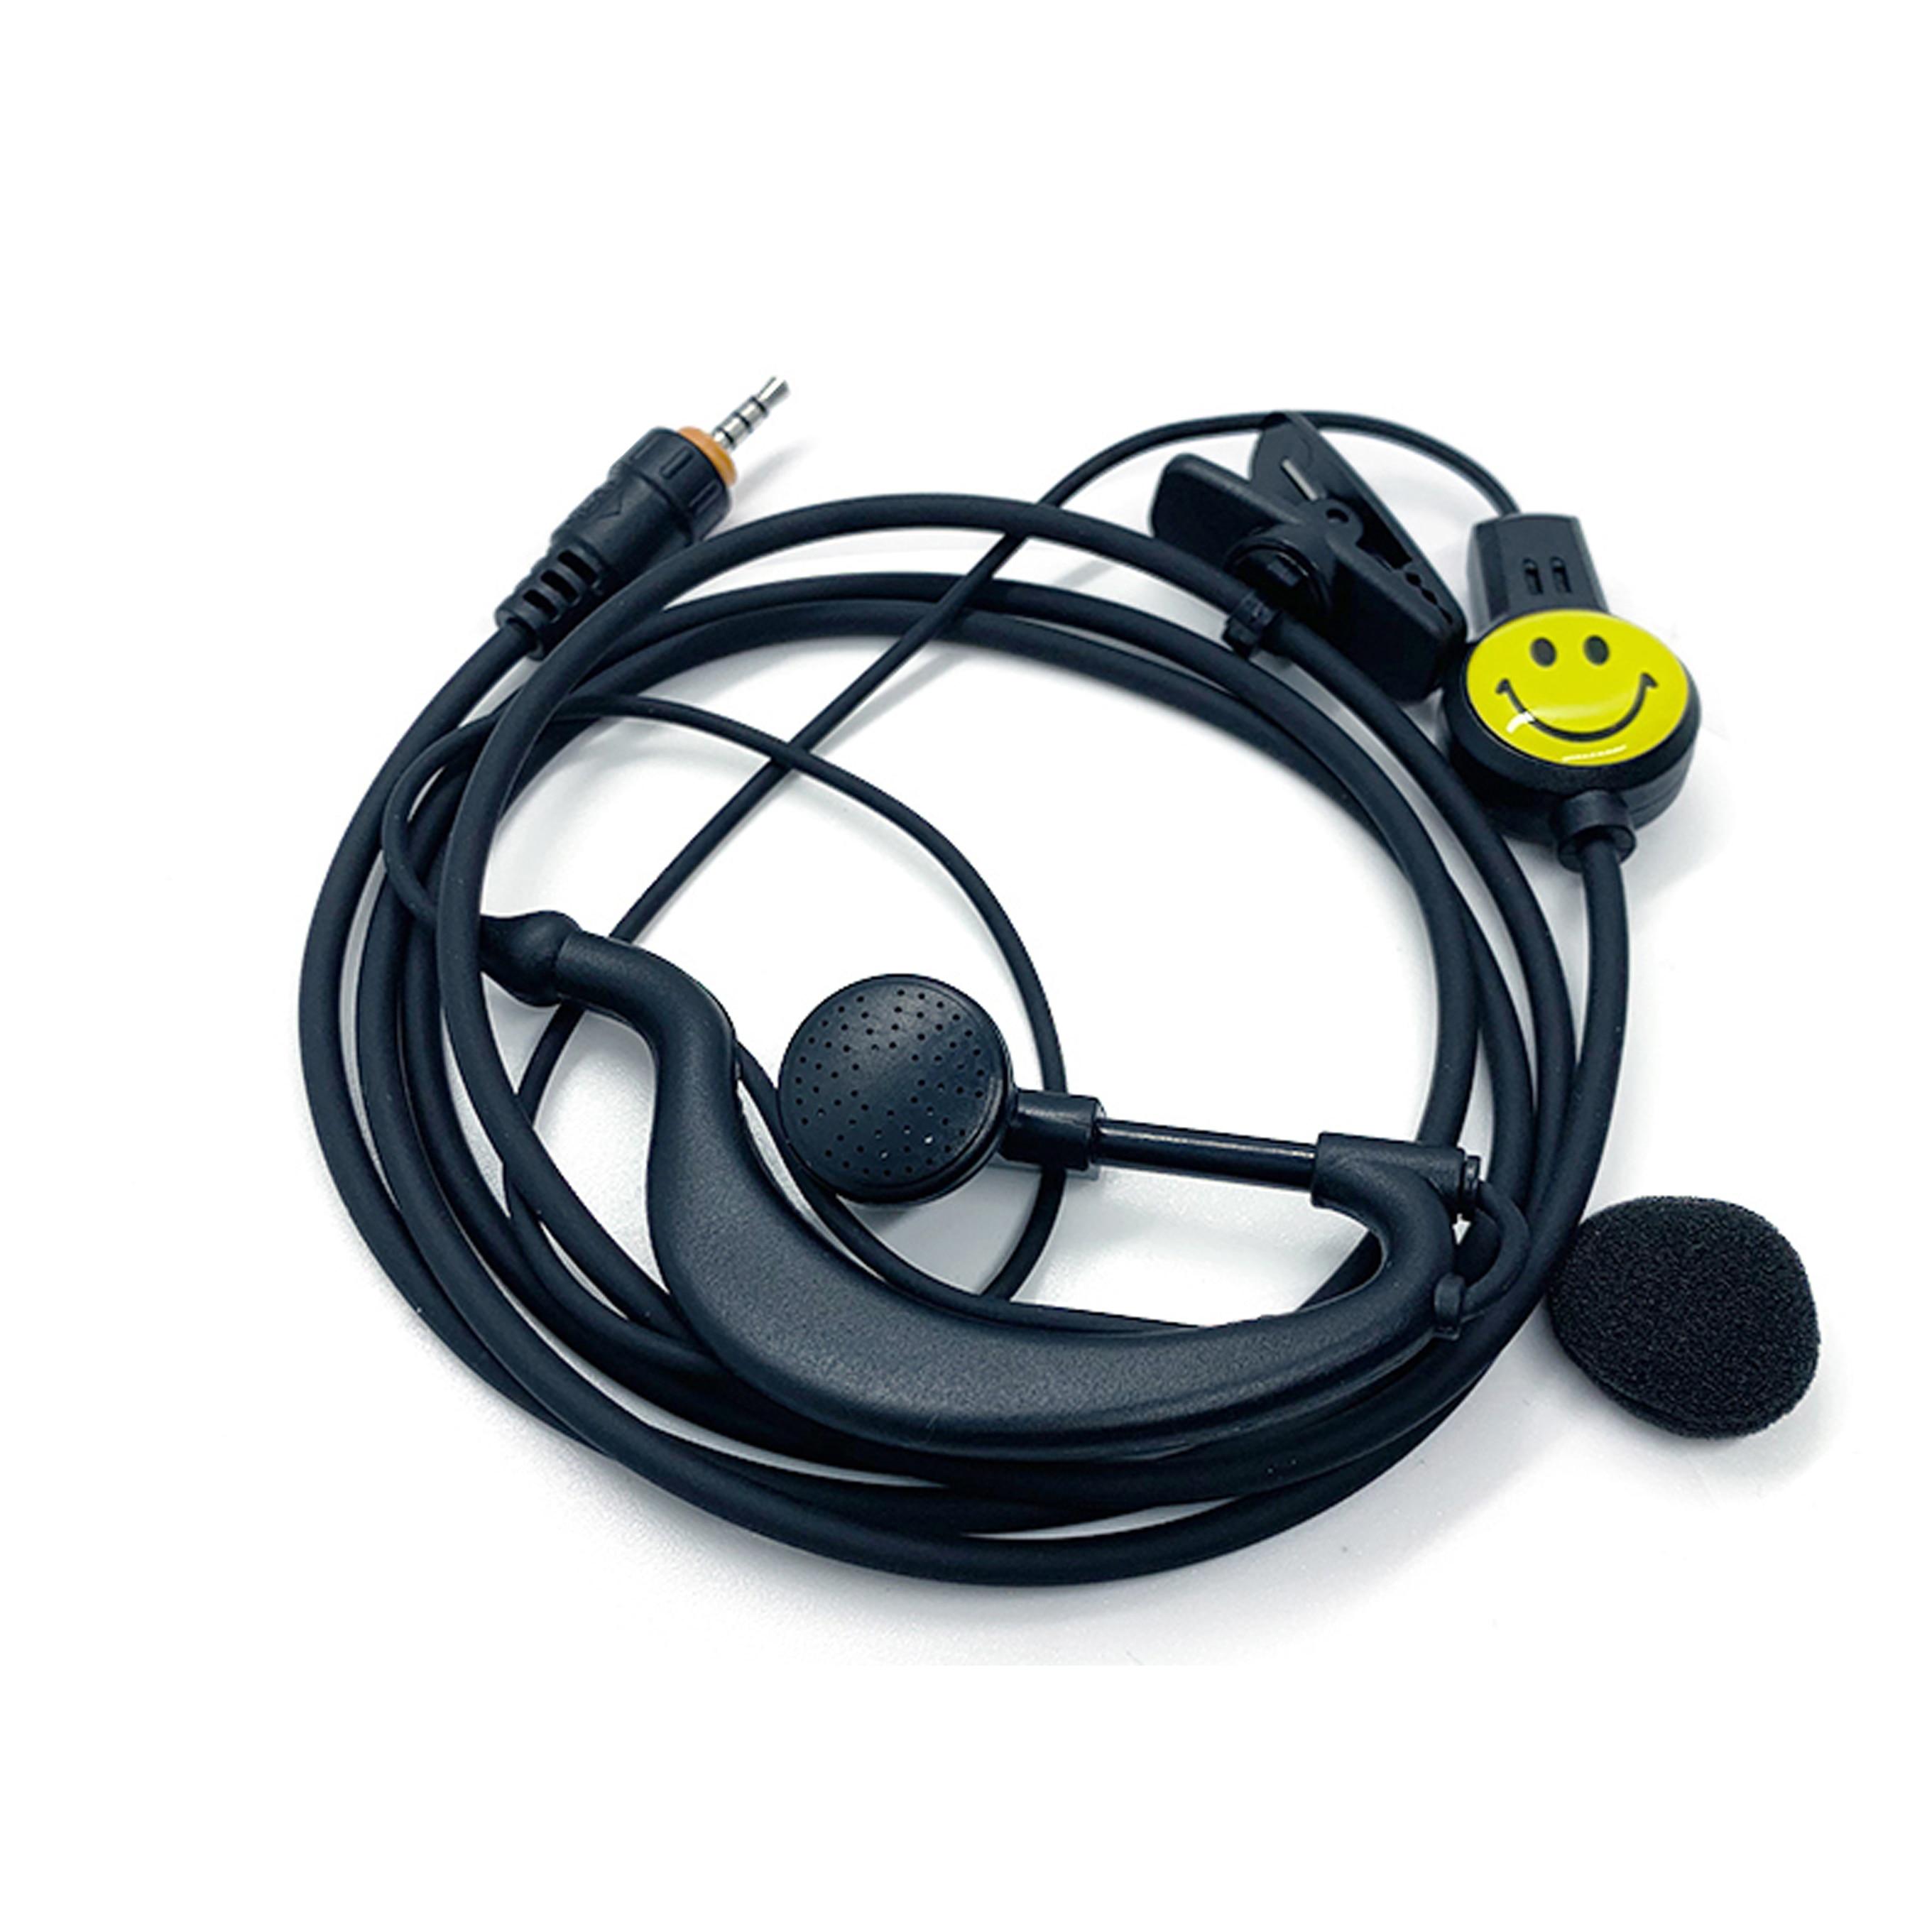 Walkie Talkie Headset Earpiece Ear Hook Earphone Two Way Radio Headset T Type Threaded 2.5MM Earphone For JIANGKE Haoyu